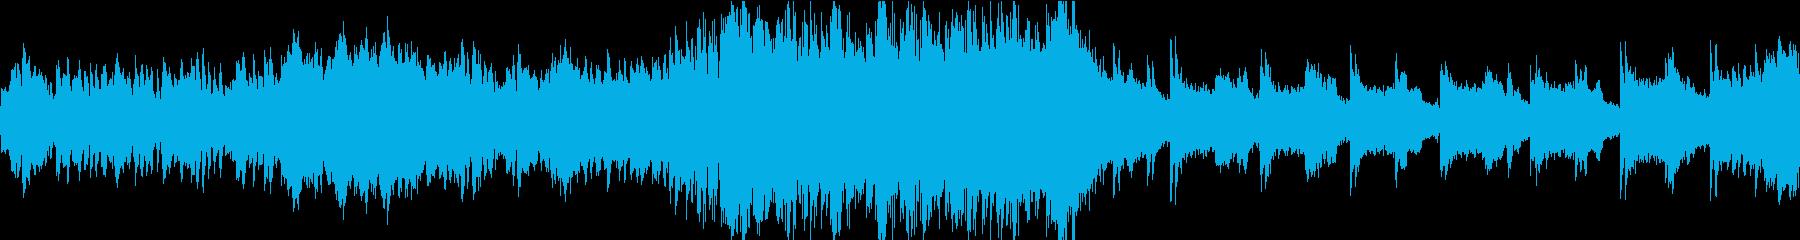 和風で不思議な雰囲気の曲の再生済みの波形